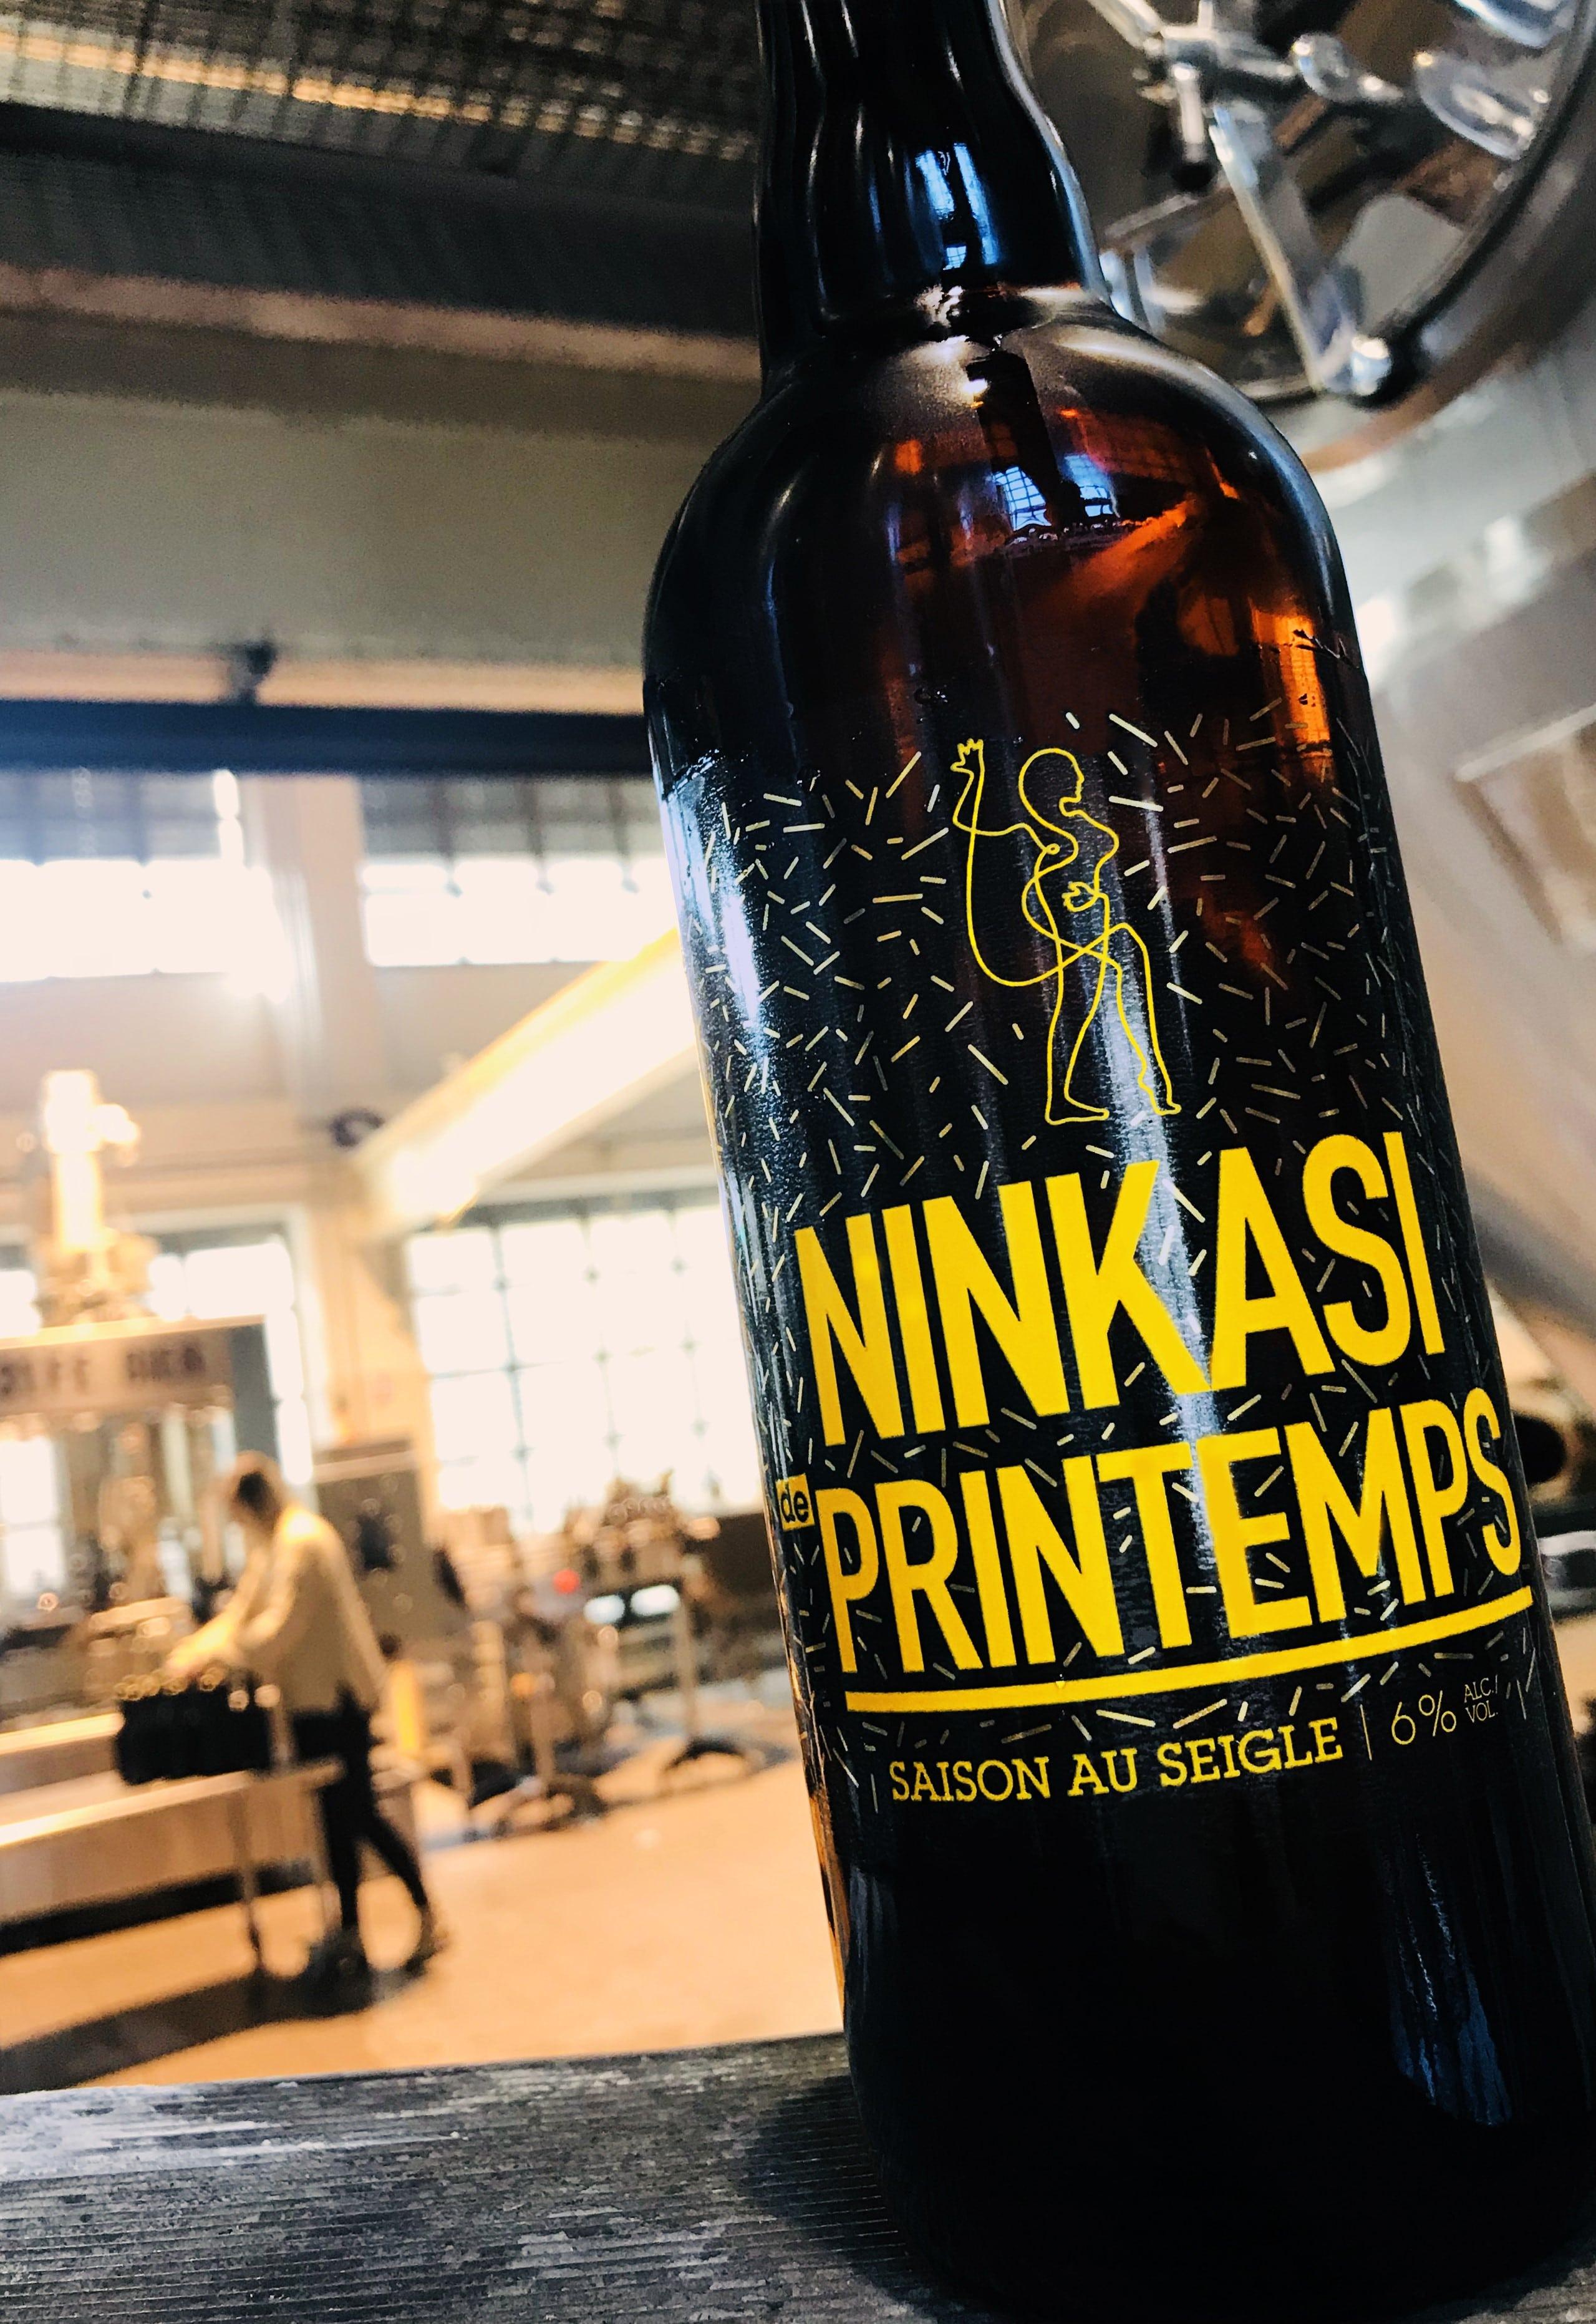 Bière Ninkasi de printemps 2018